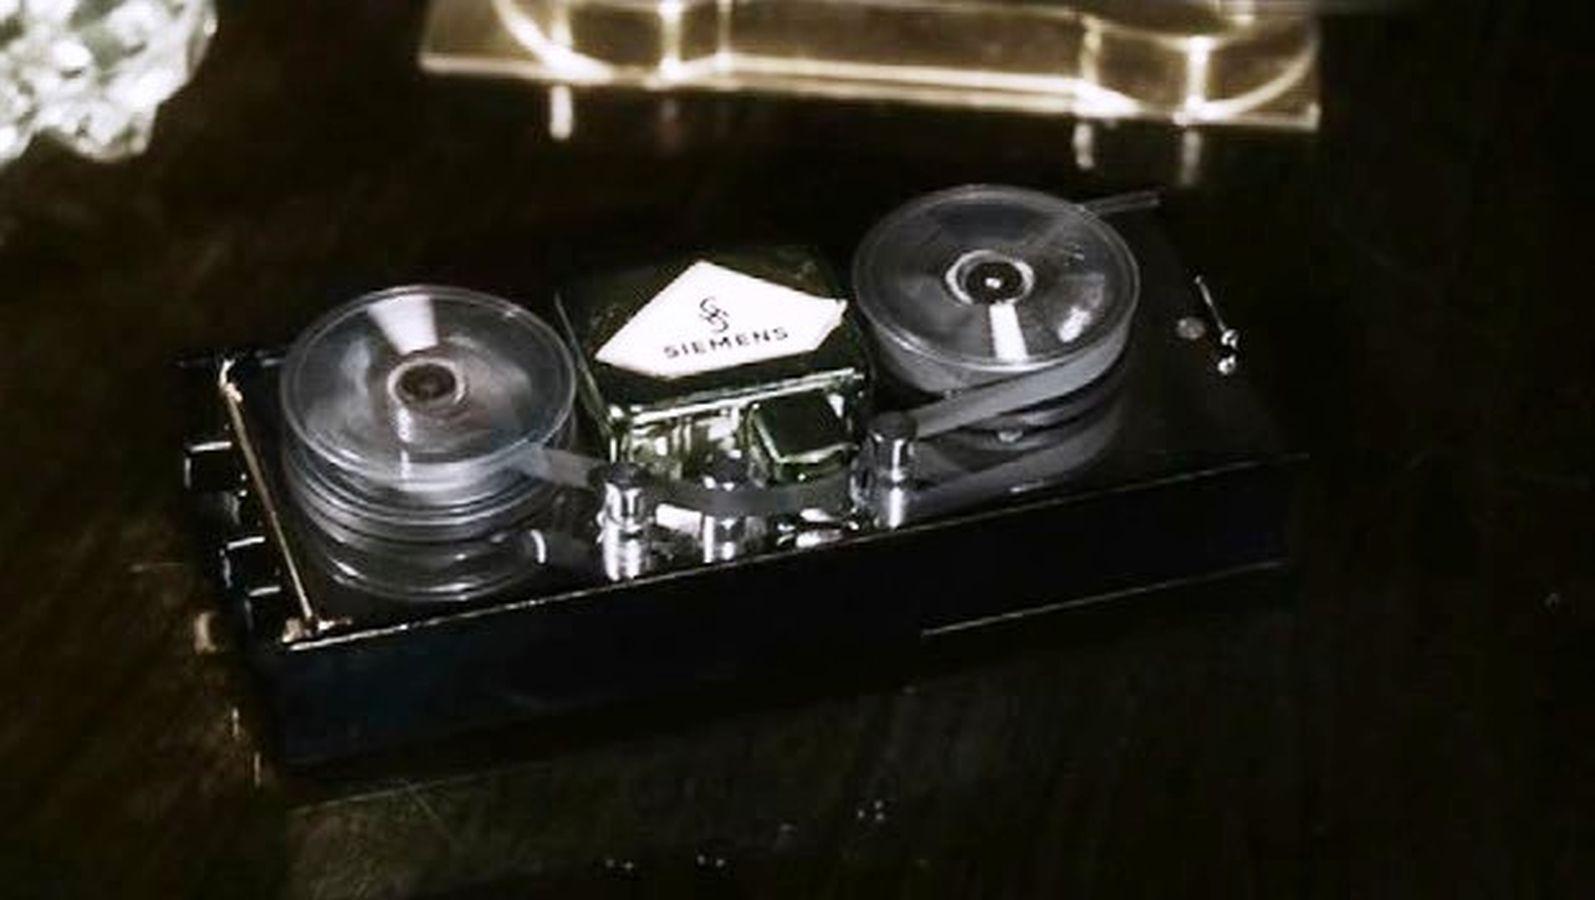 Аудиогаджет специального назначения: диктофон Штирлица, его реальный прототип и смелое историческое моделирование - 9